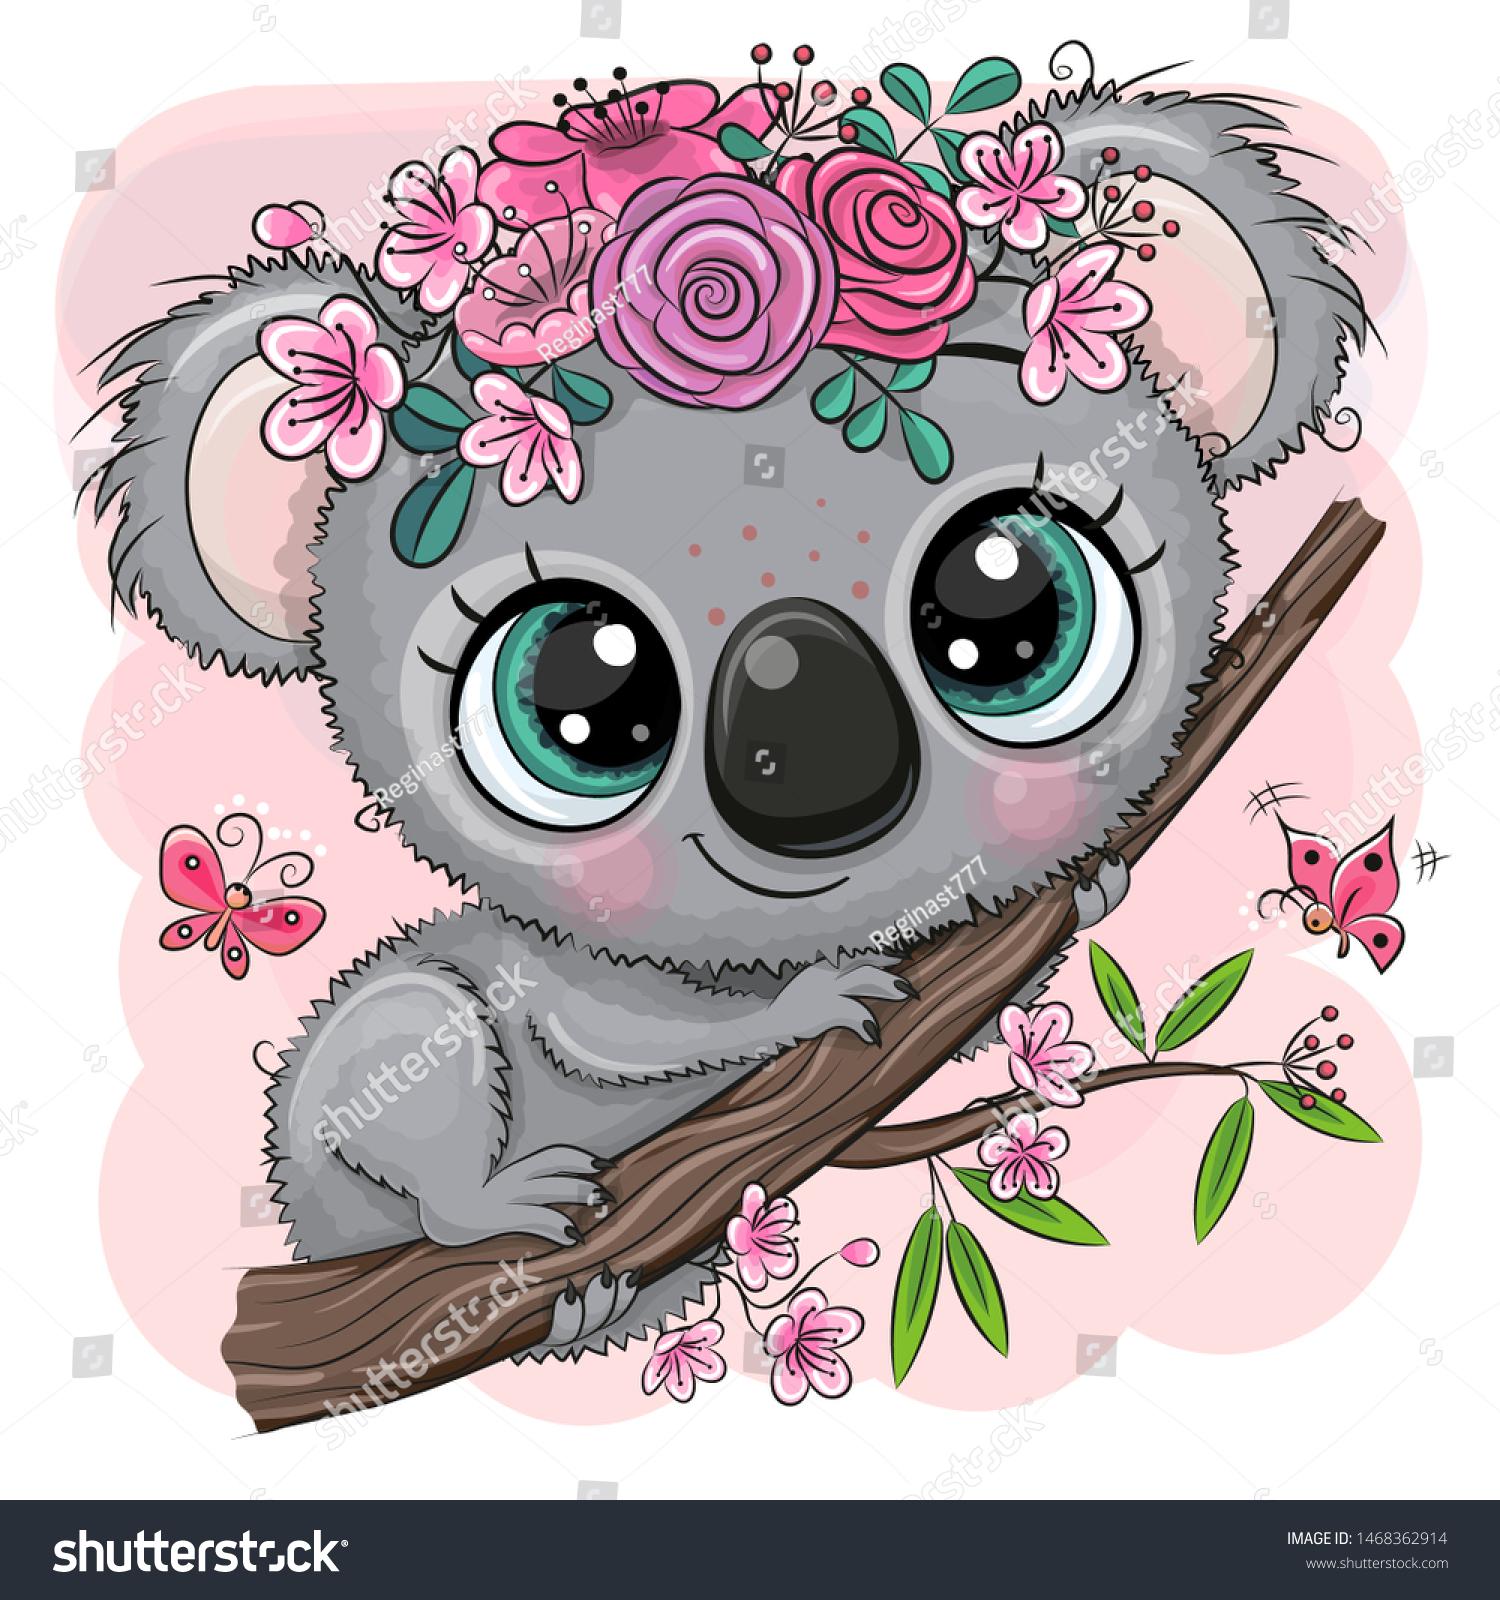 Cute Cartoon Koala mit Blumen auf rosafarbenem Hintergrund